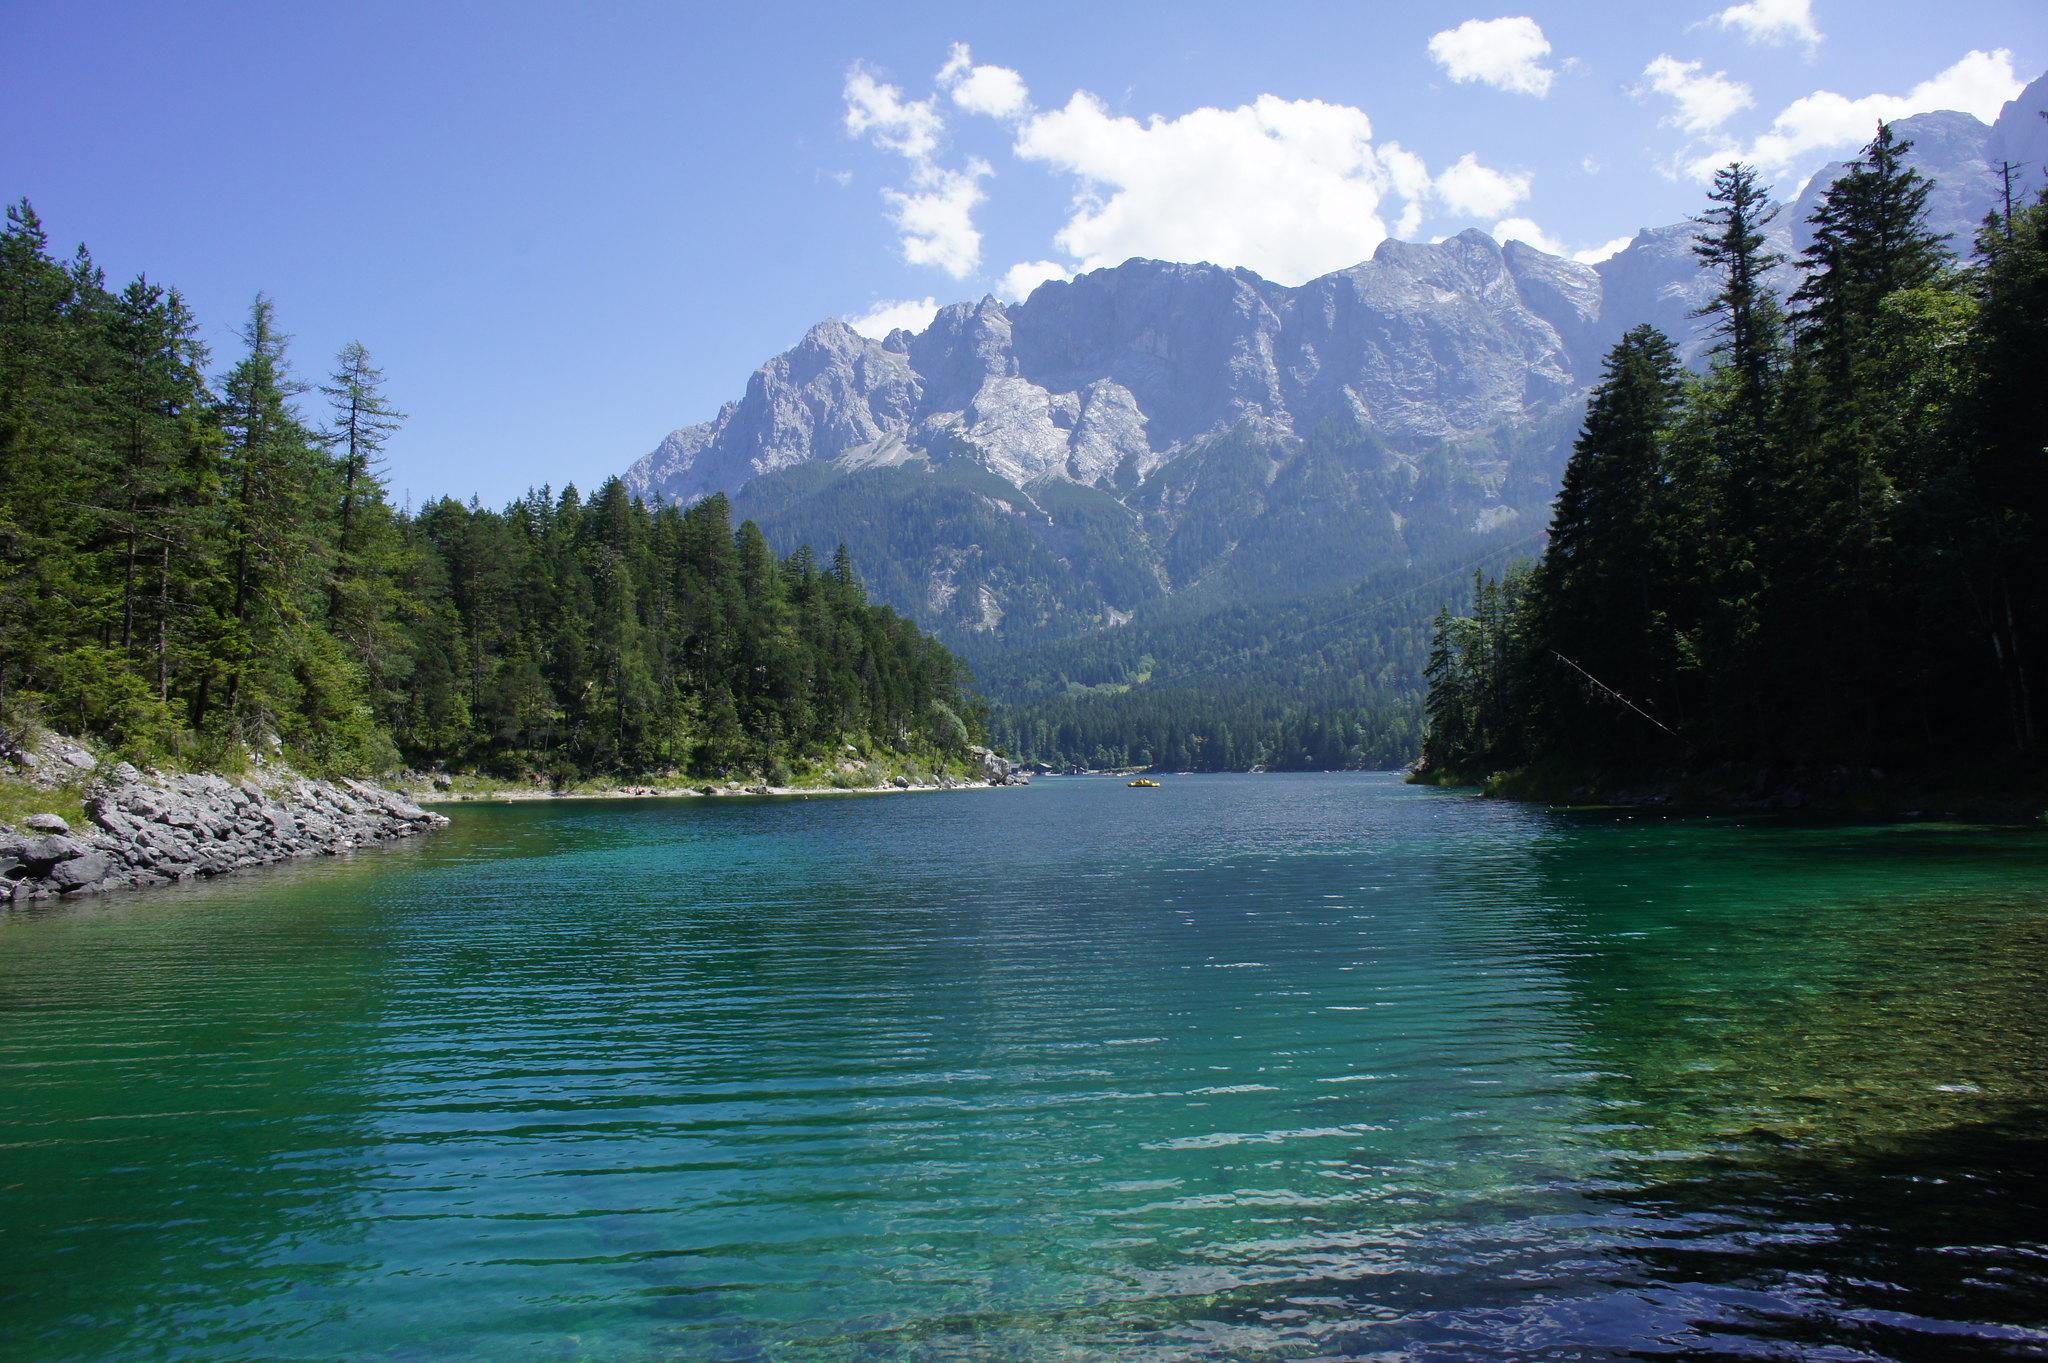 Озера мира быстро теряют кислород из-за потепления планеты